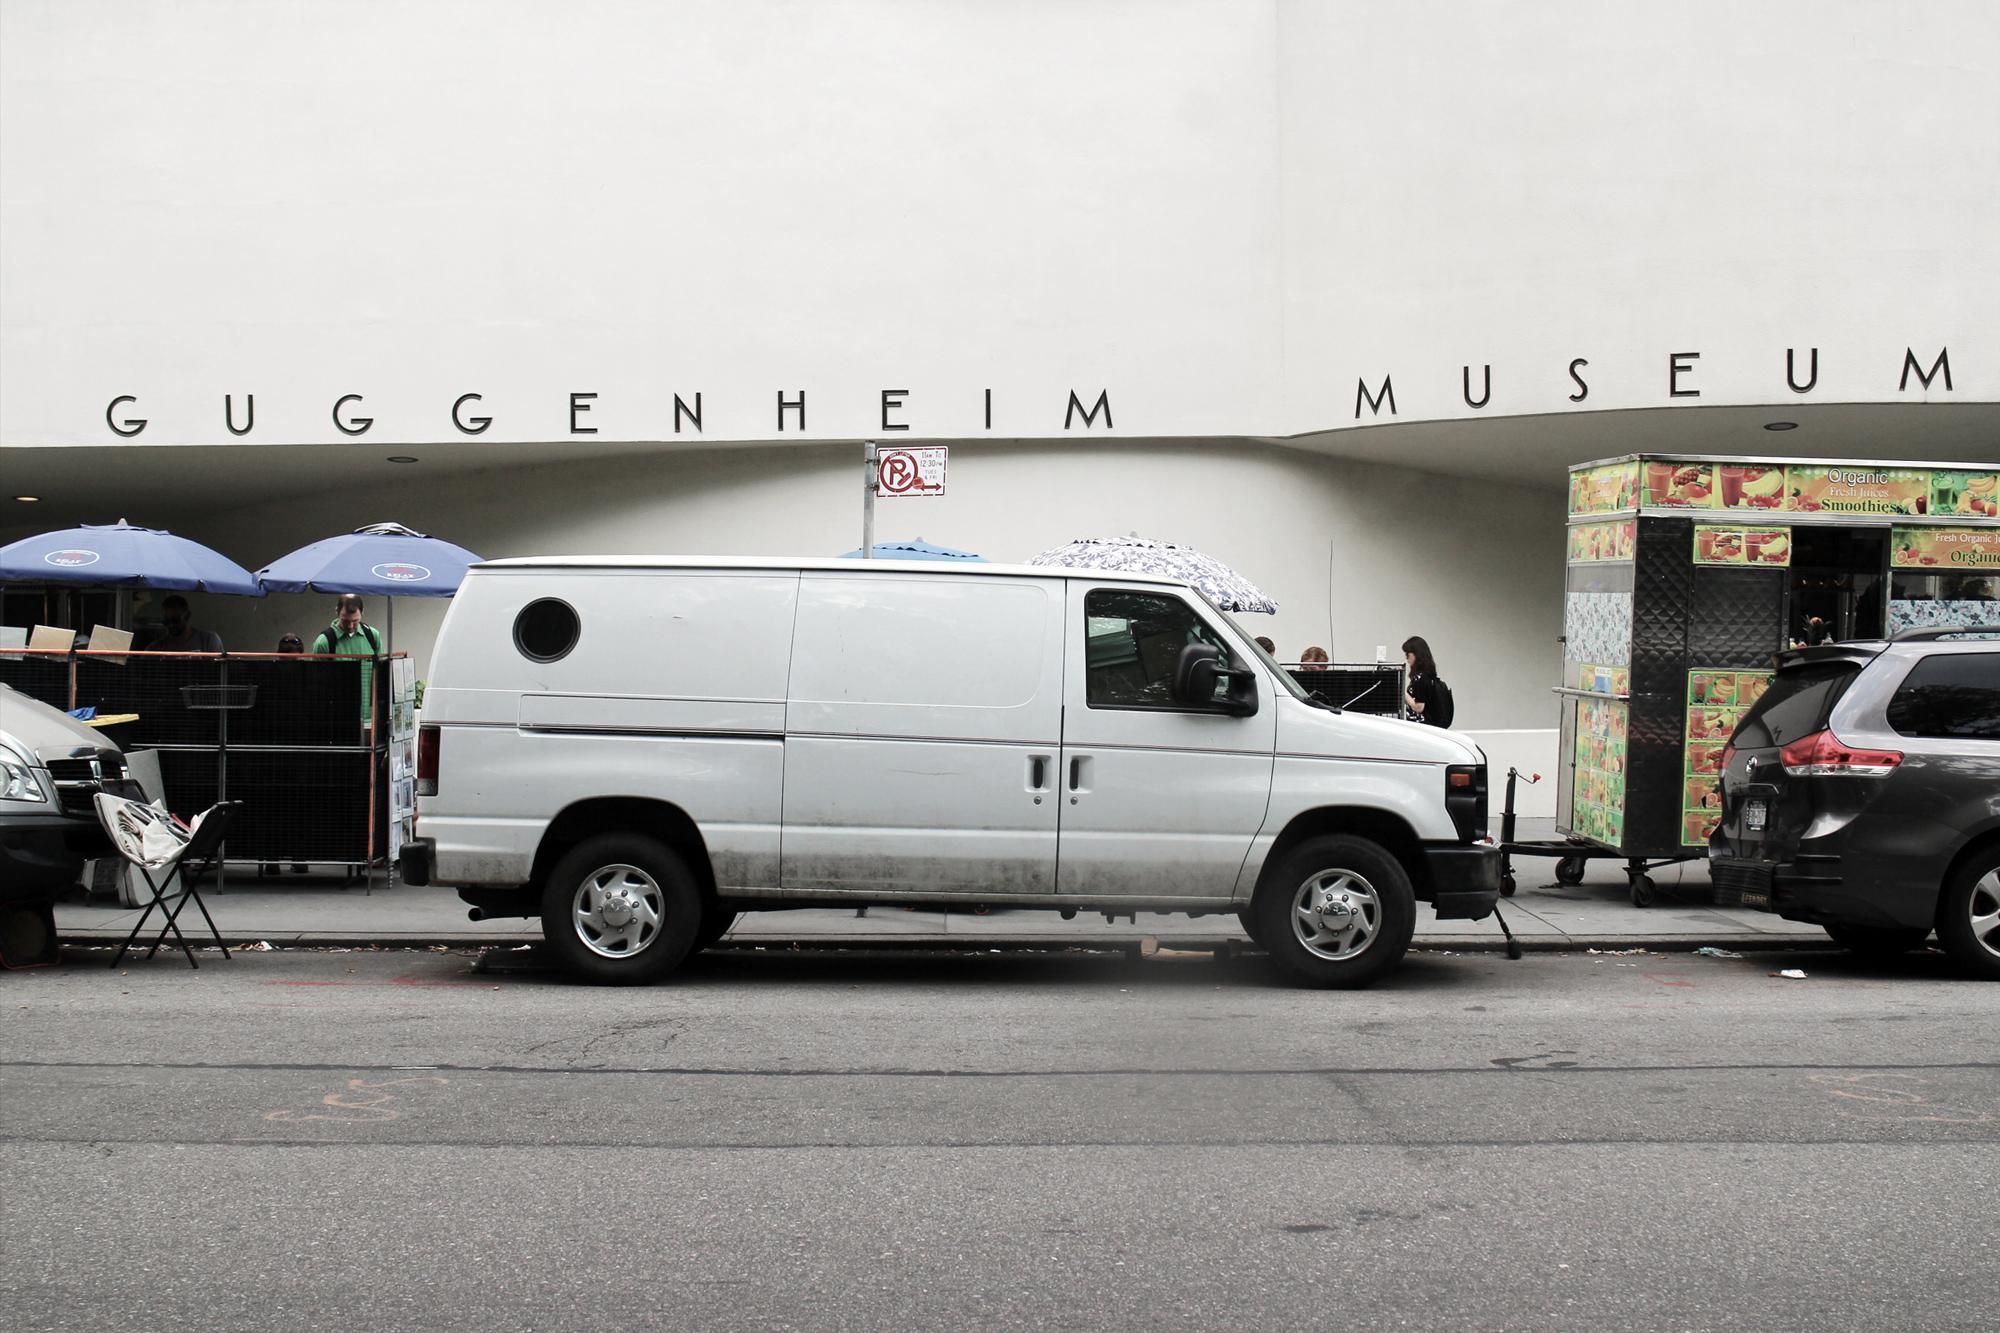 urbanbacklog-new-york-guggneheim-cihan-küçük-1.jpg